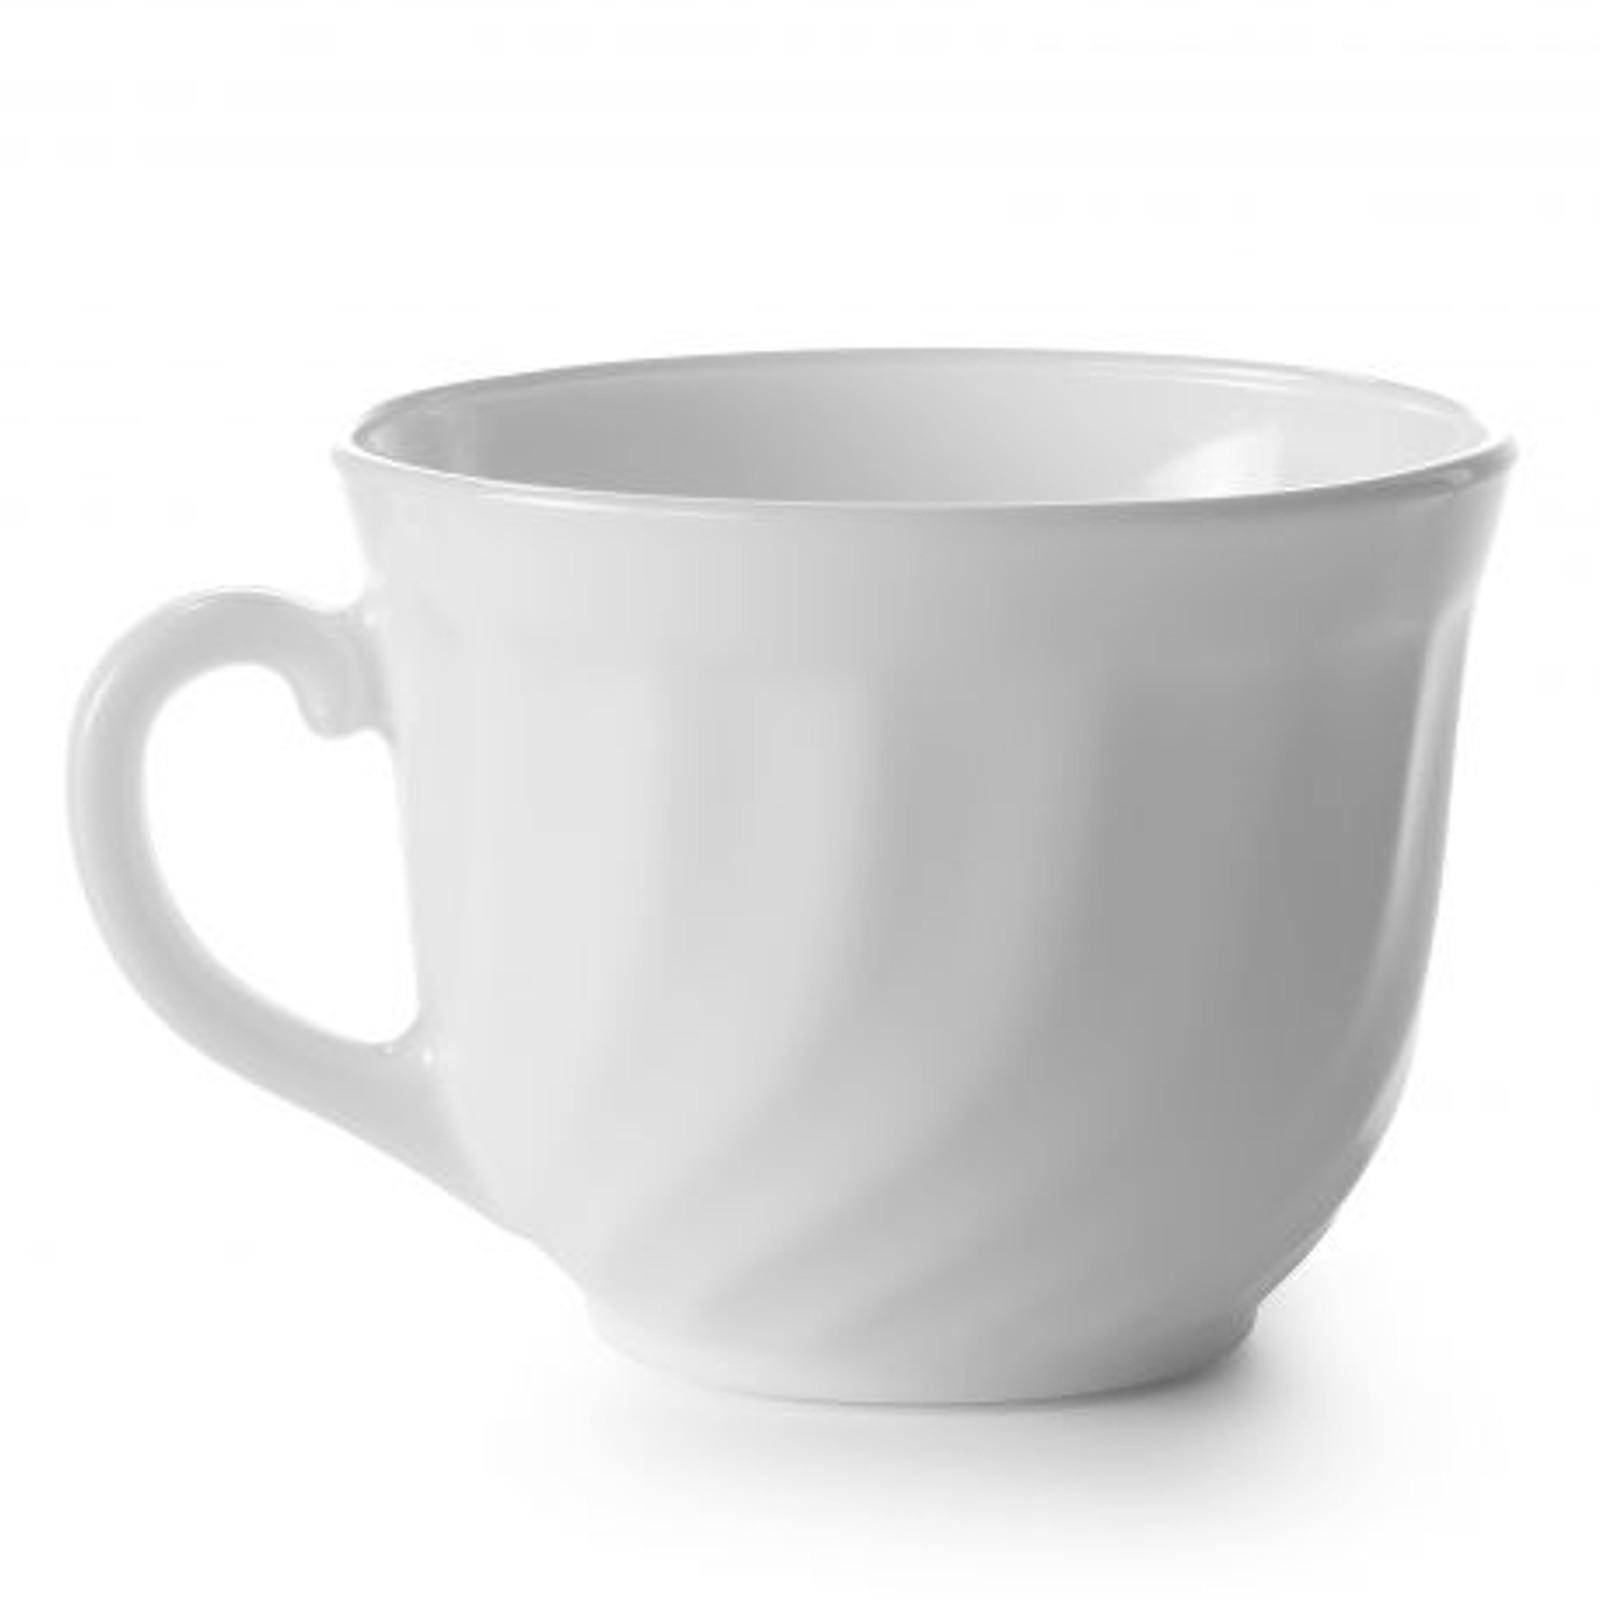 Набор чашек Arcoroc Tea Coffee Cup 6x 220 мл